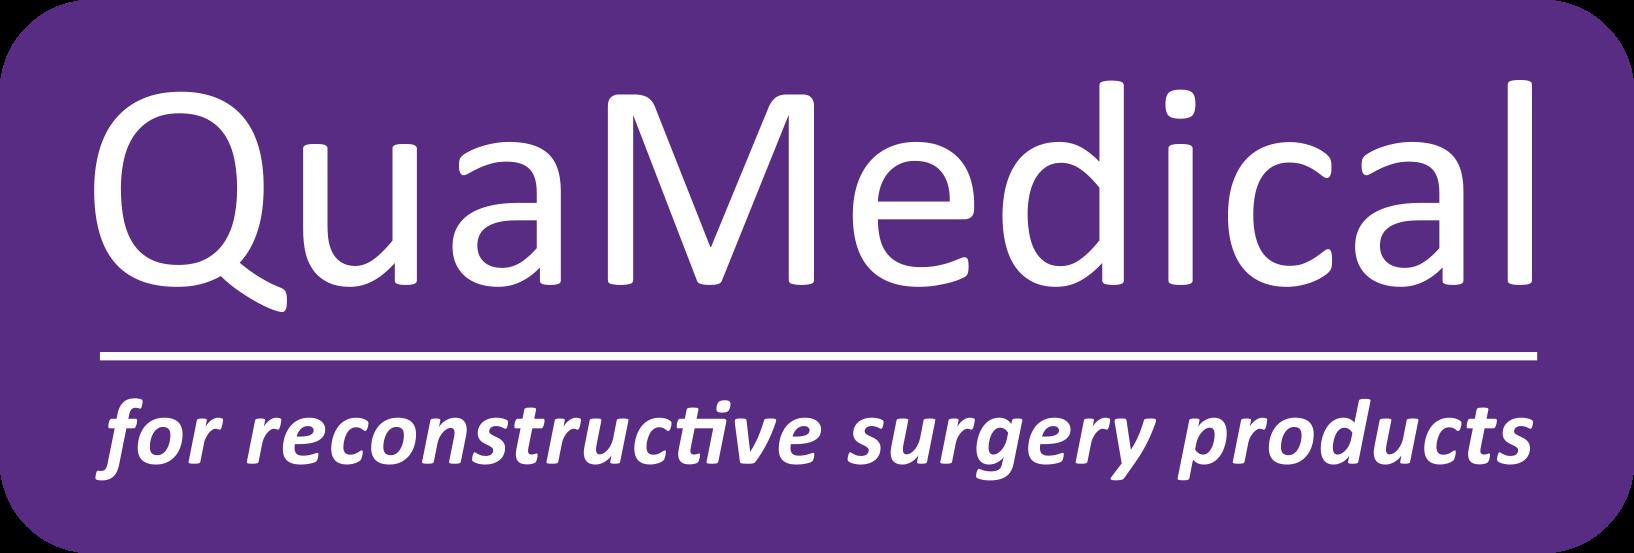 QuaMedical Medische oplossingen voor de Chirurgie